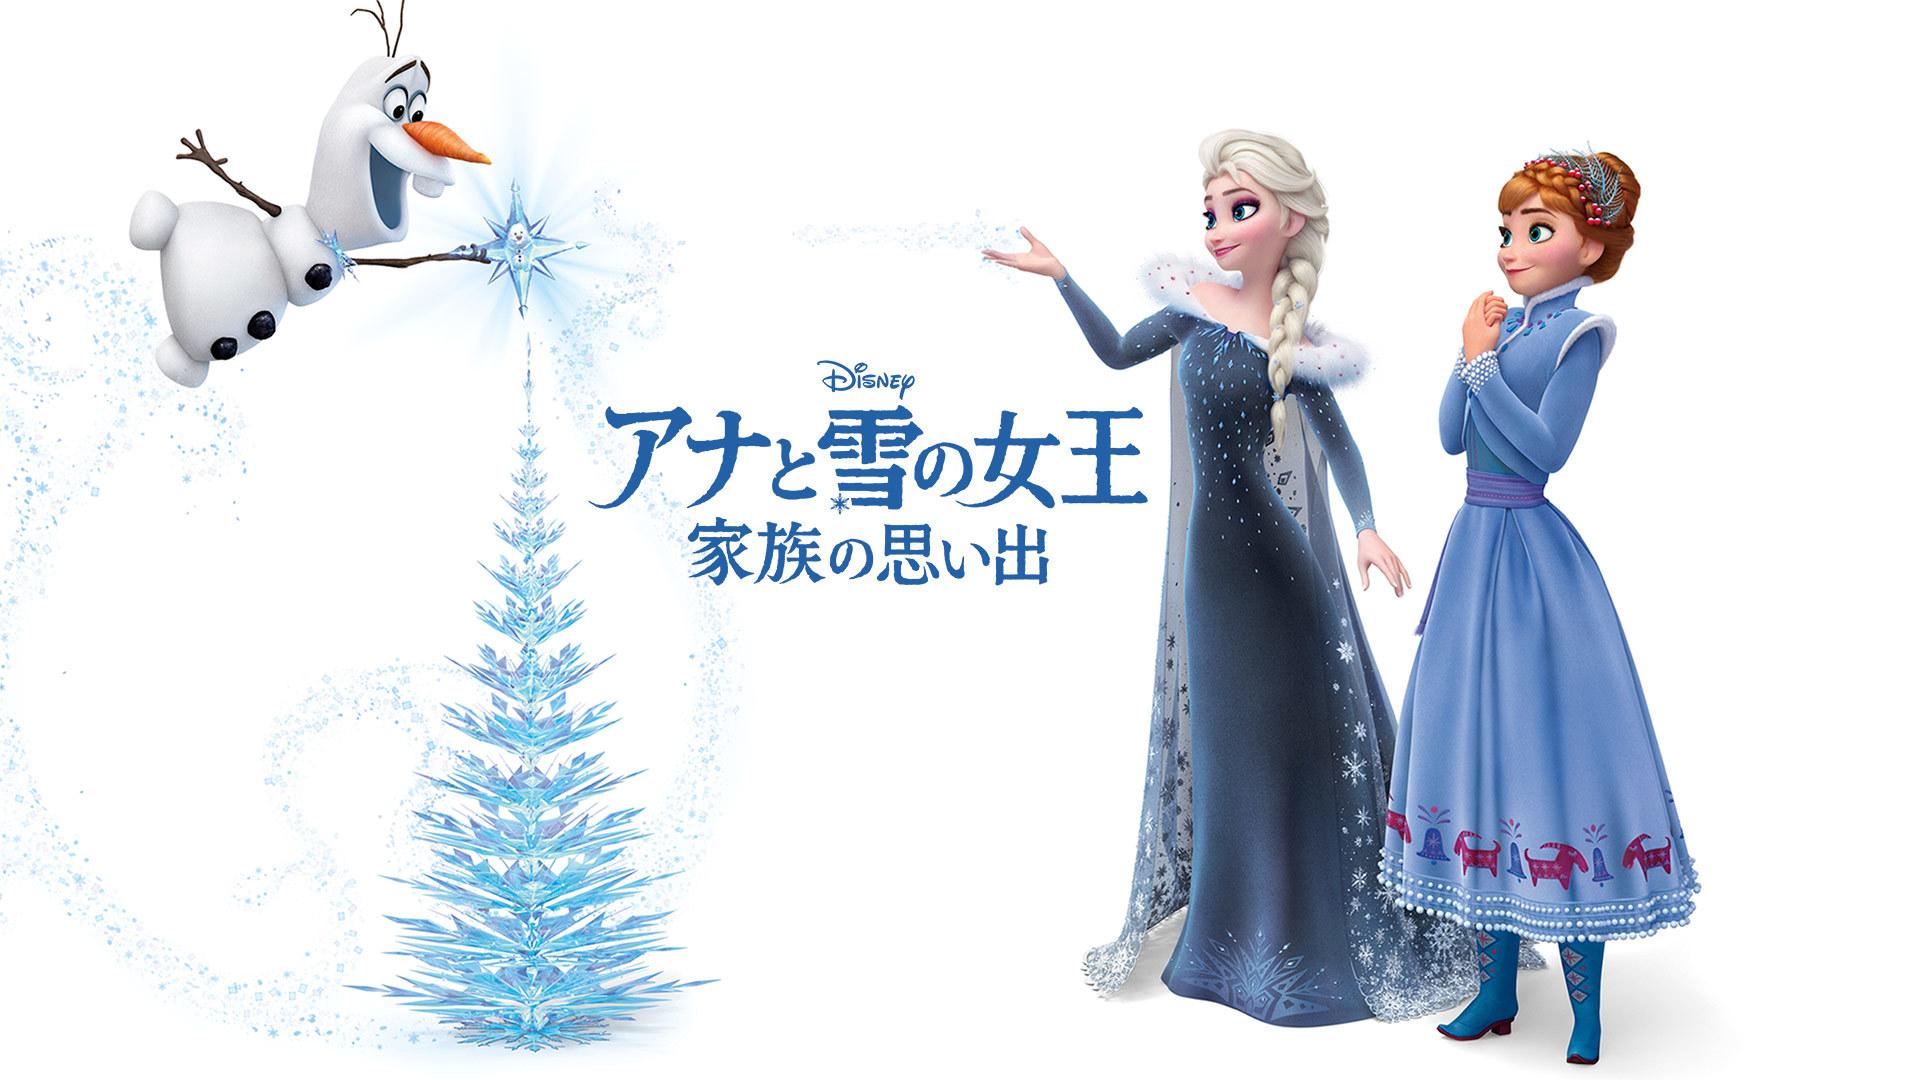 「アナと雪の女王/家族の思い出」(C)2019 Disney